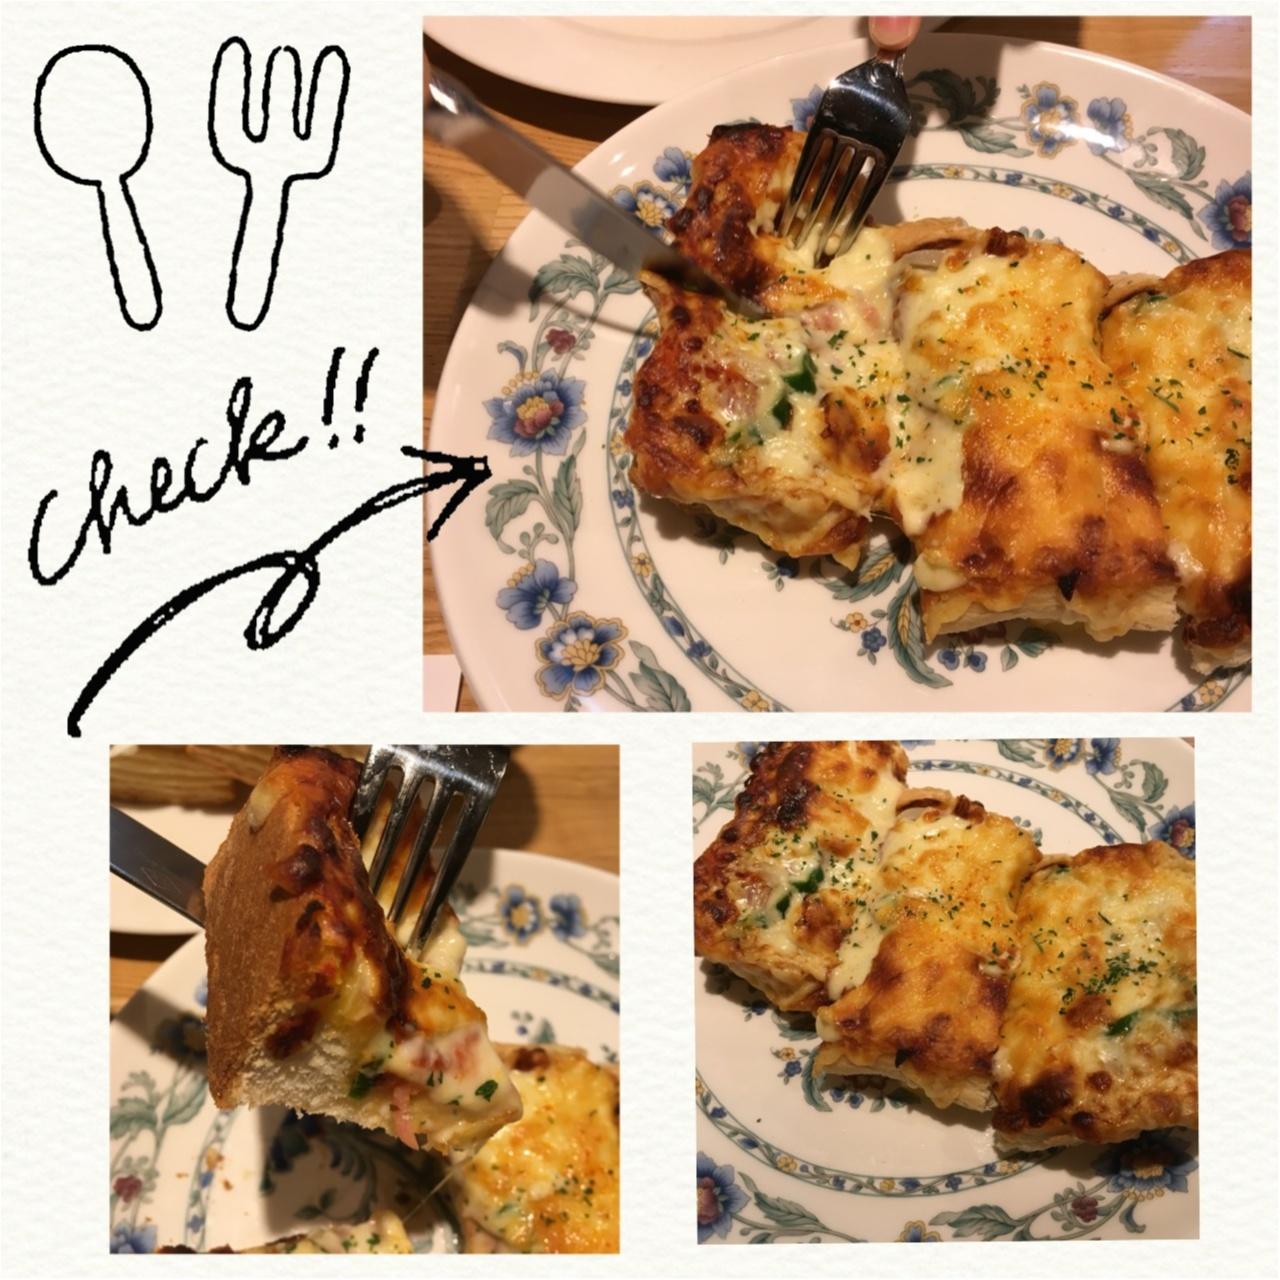 石原さとみちゃん出演CMで紹介されたお店はココ!珈琲館紅鹿舎で元祖ピザトーストを食べよう♡_3